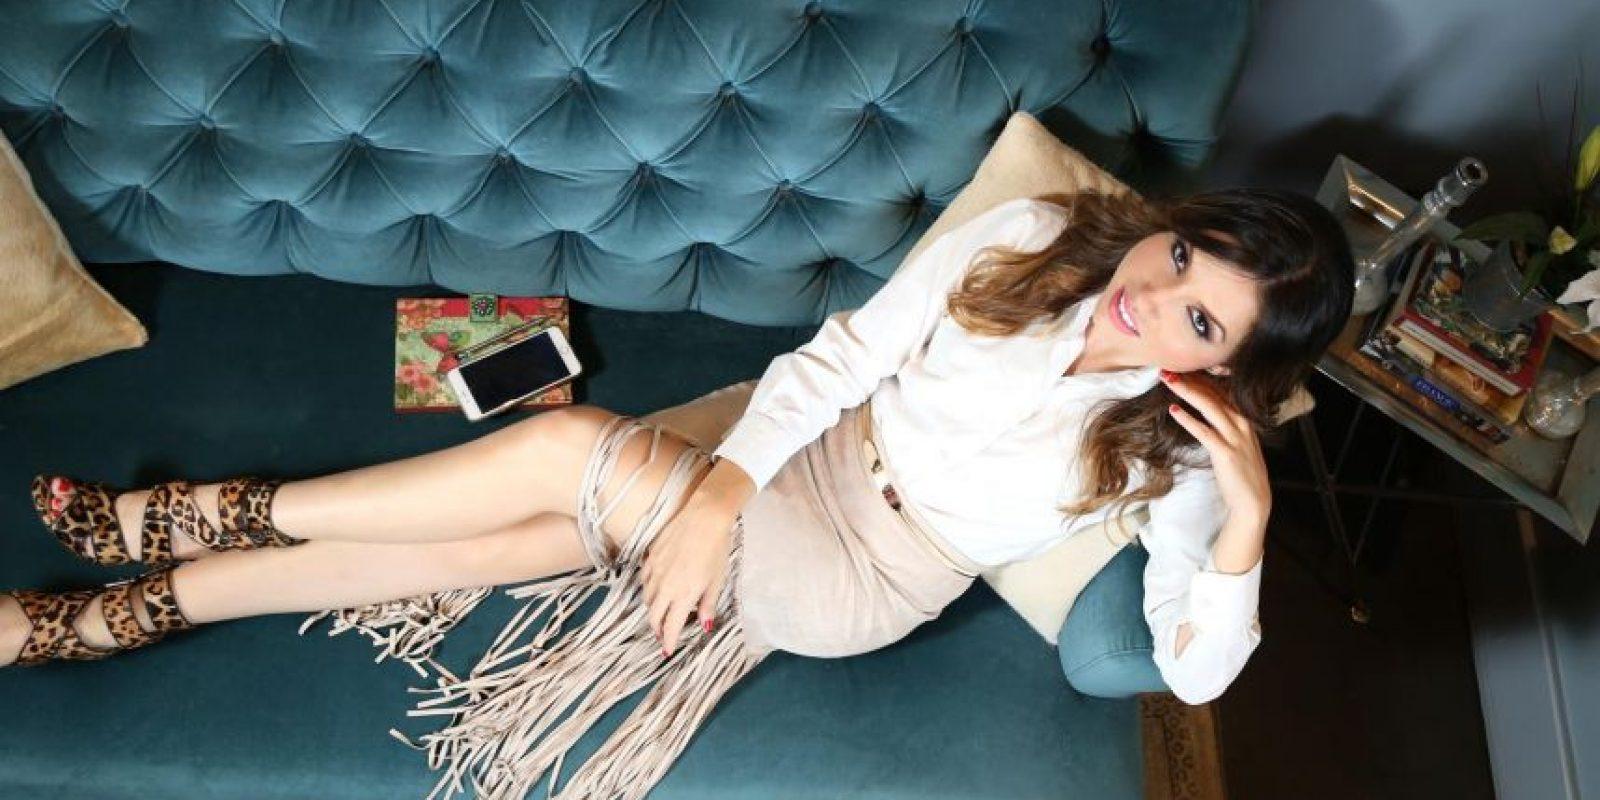 Lorenna Pirre